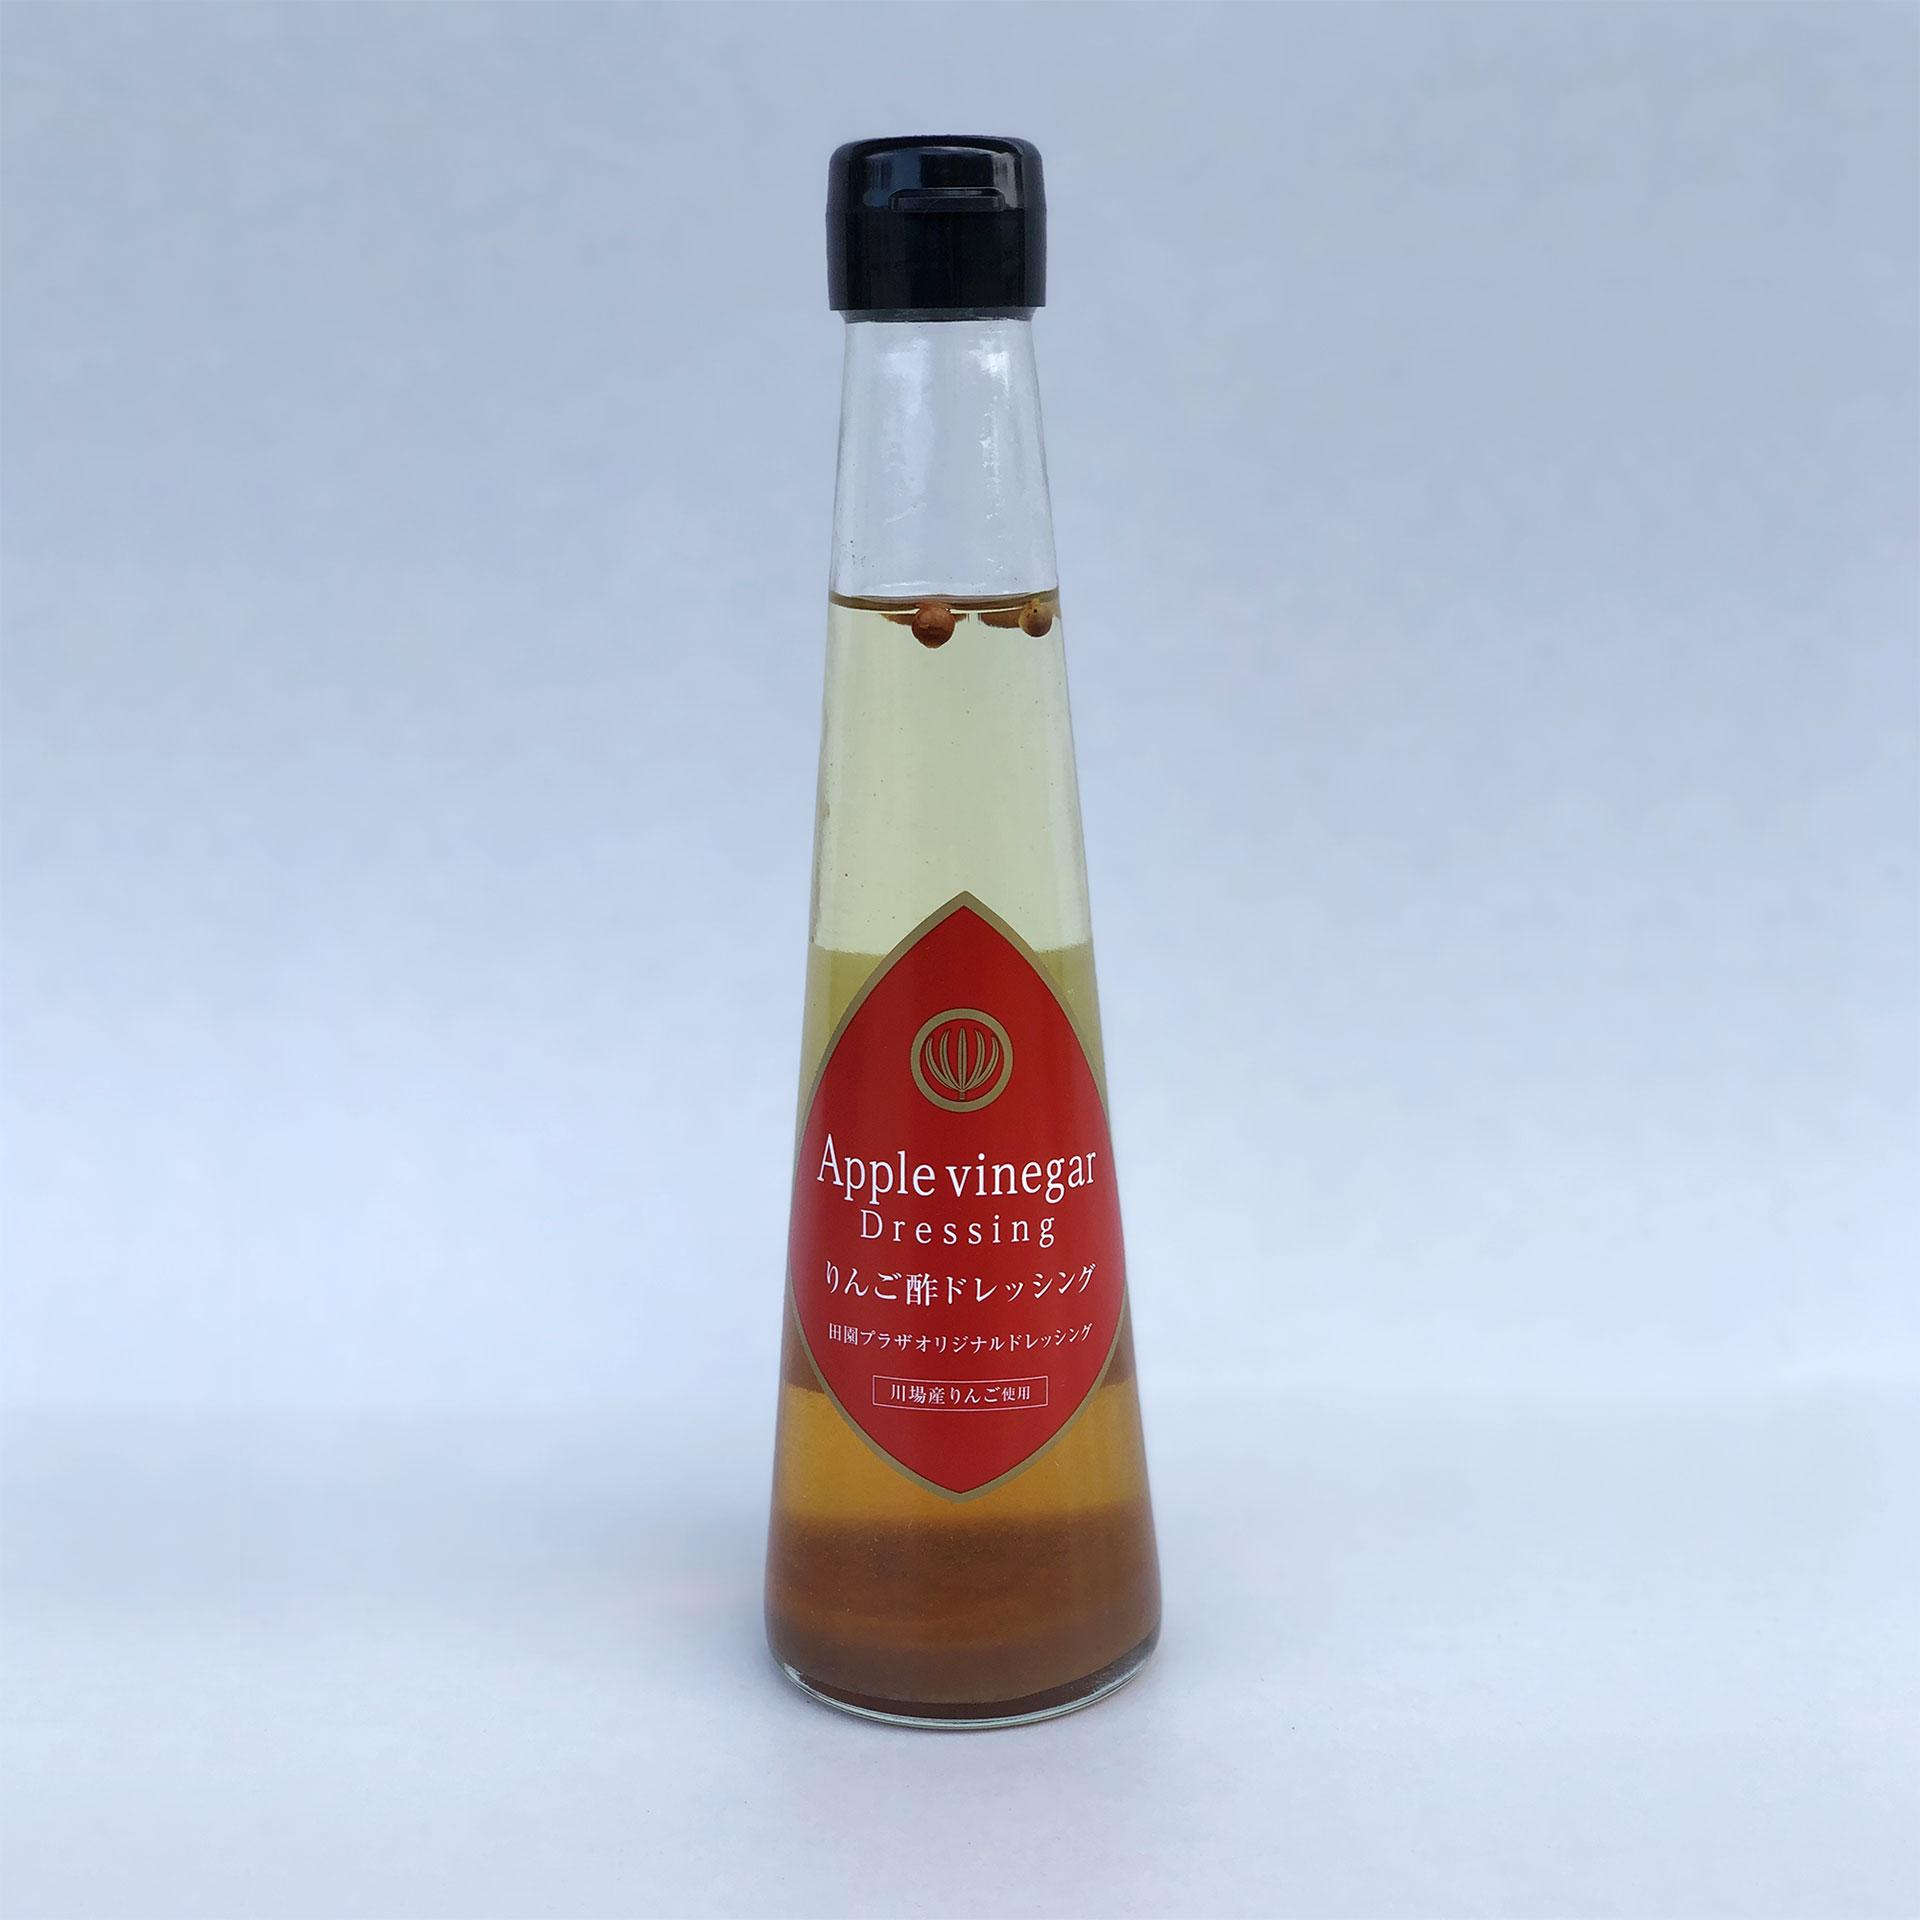 りんご酢ドレッシングの商品詳細イメージ-1013